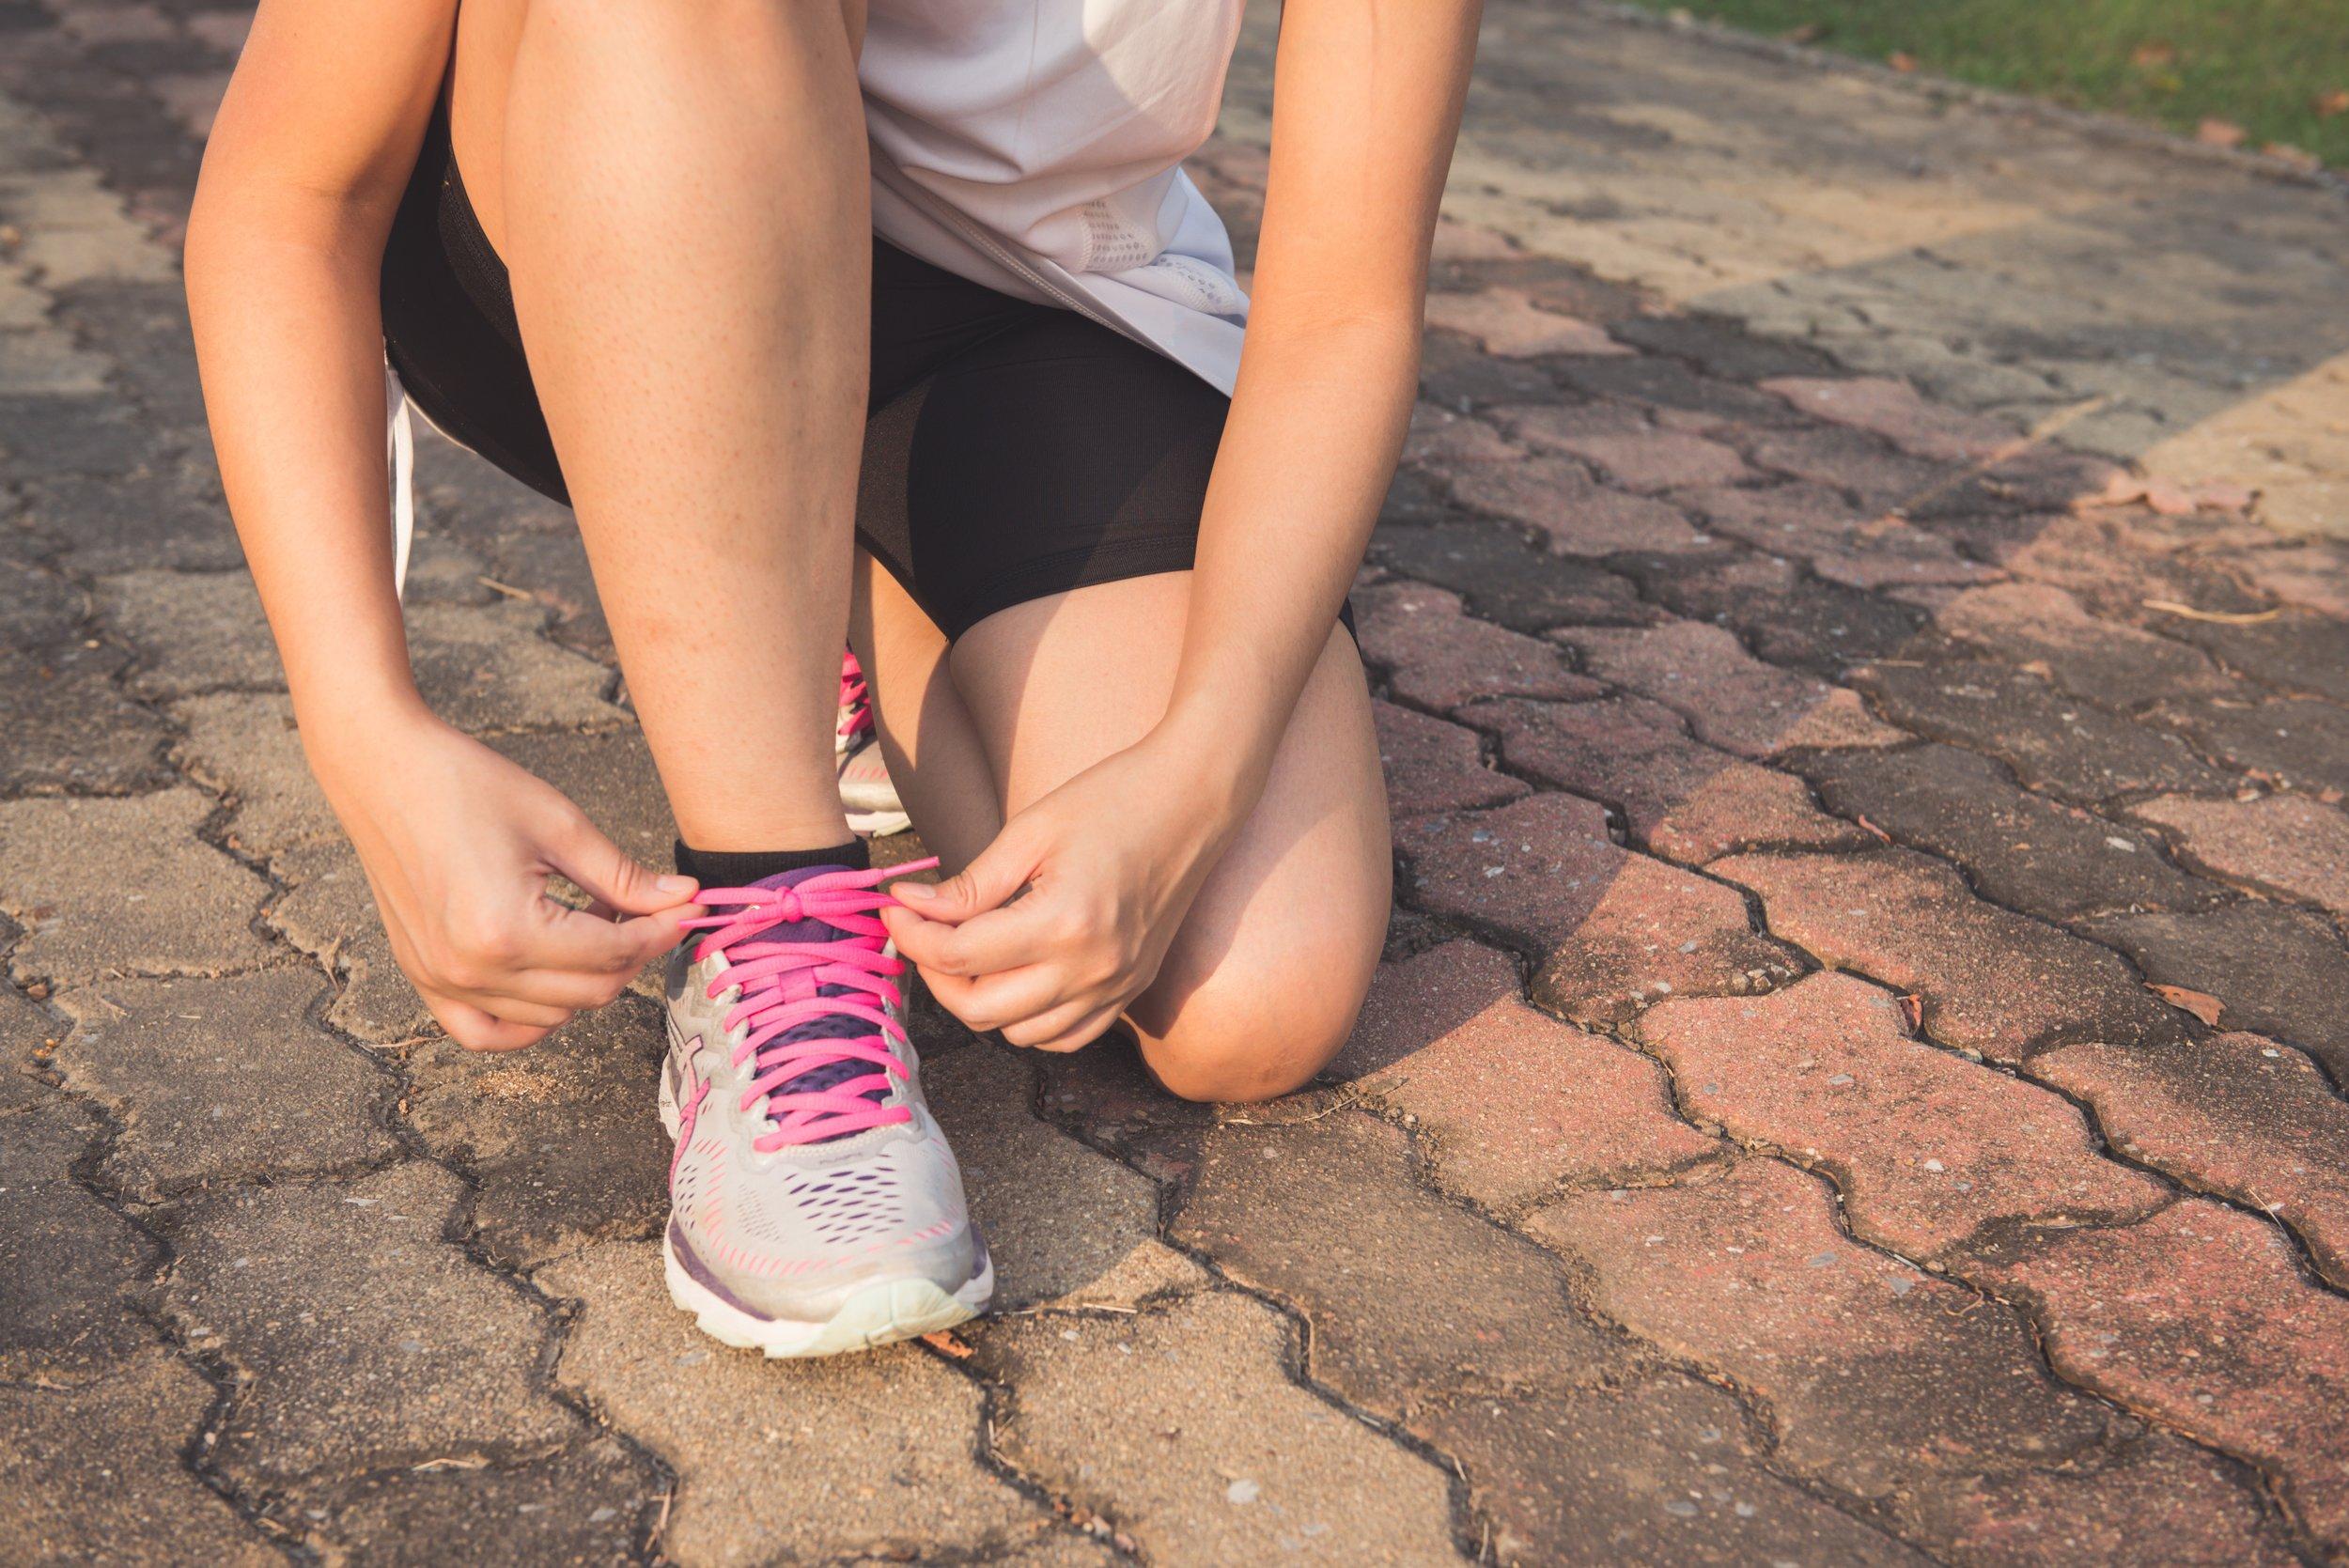 female-fitness-footwear-601177.jpg